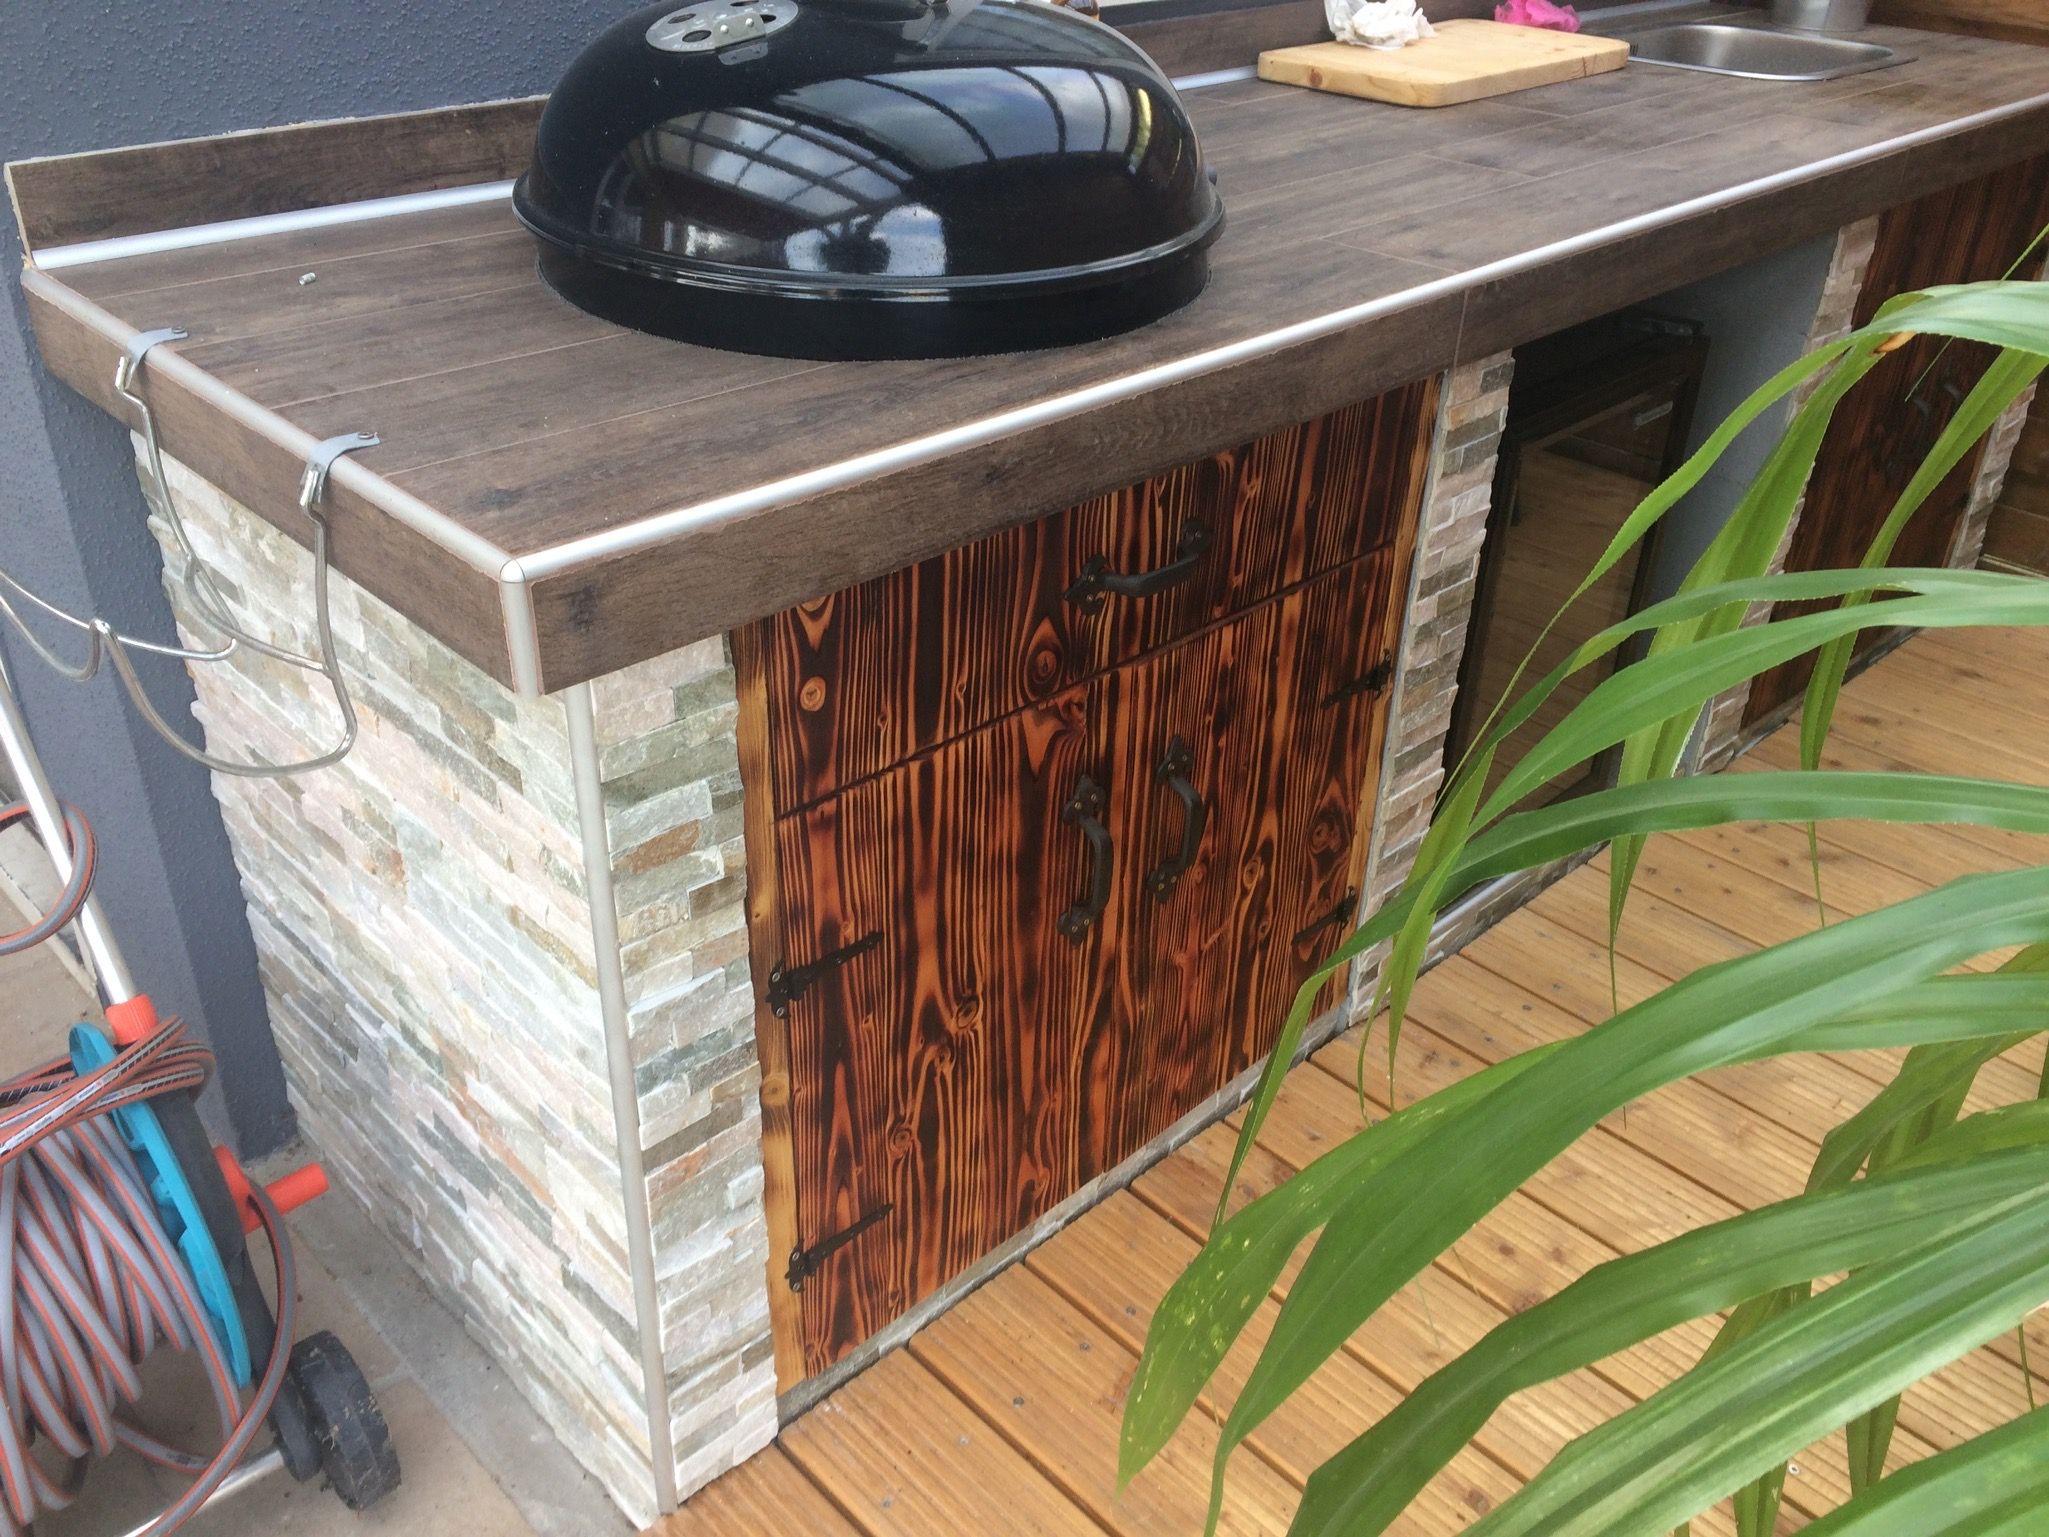 Outdoor Küche Rund : Outdoor küche mit kugelgrill bauanleitung grill selber bauen